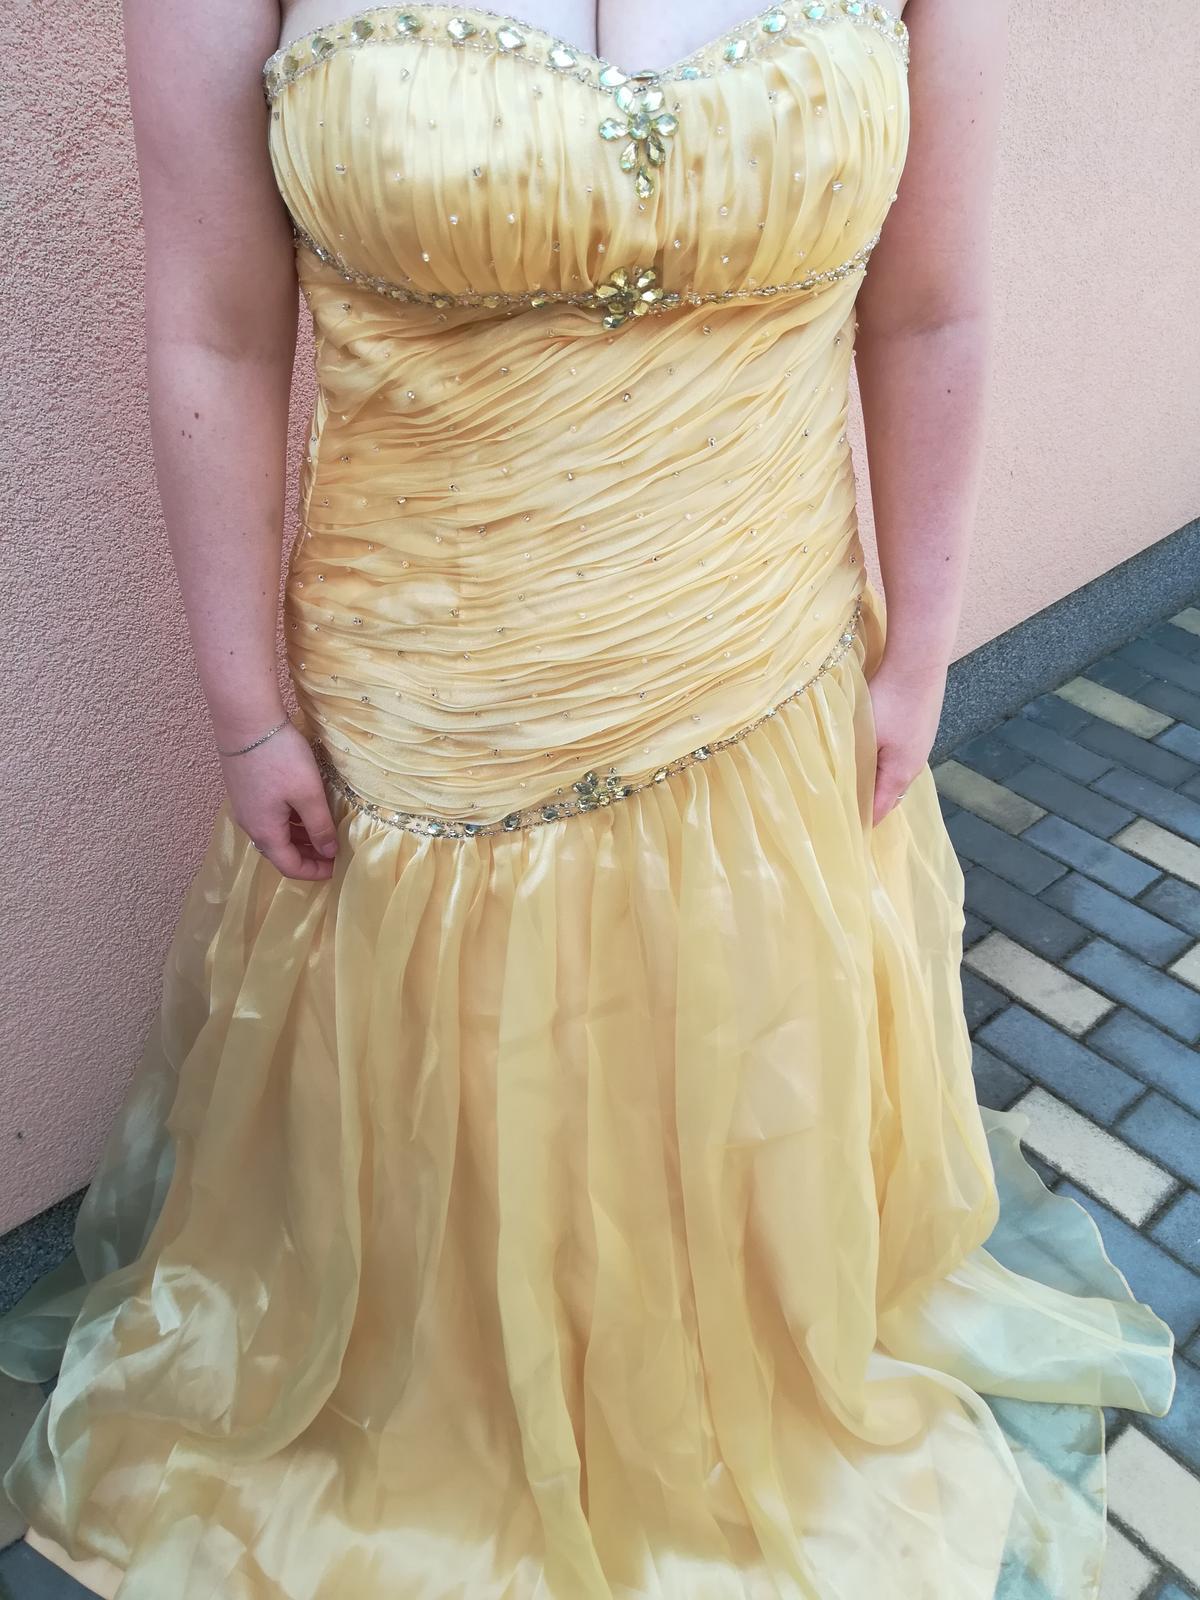 Žluté společenské šaty - Obrázek č. 1